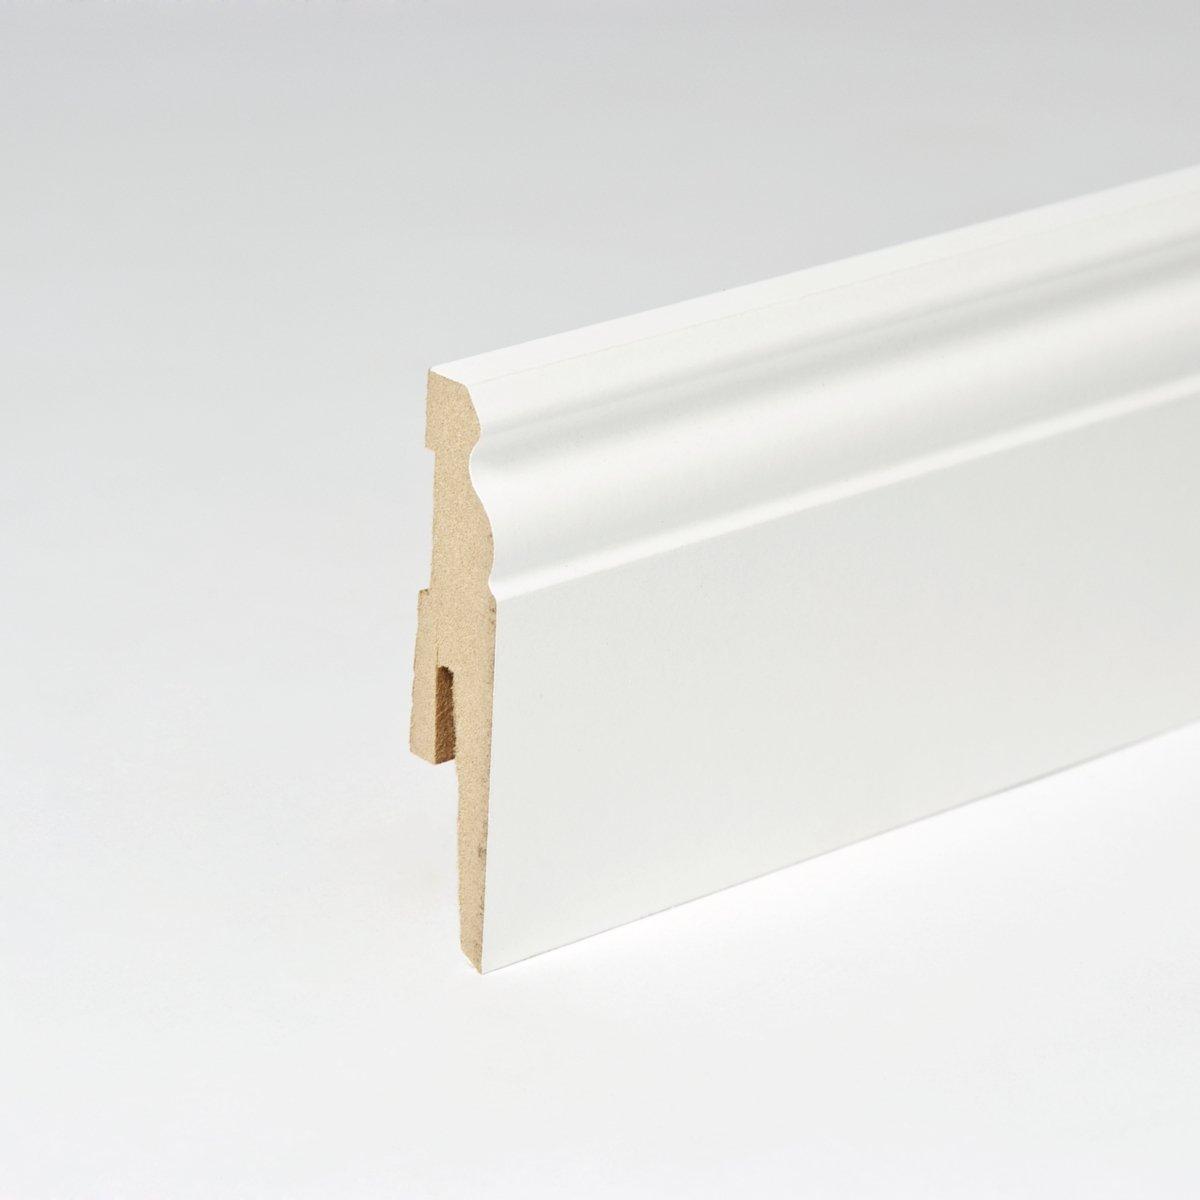 50m Sockelleisten Berliner Profil 80mm All Inclusive Paket Weiß  BaumarktKundenbewertung und weitere Informationen